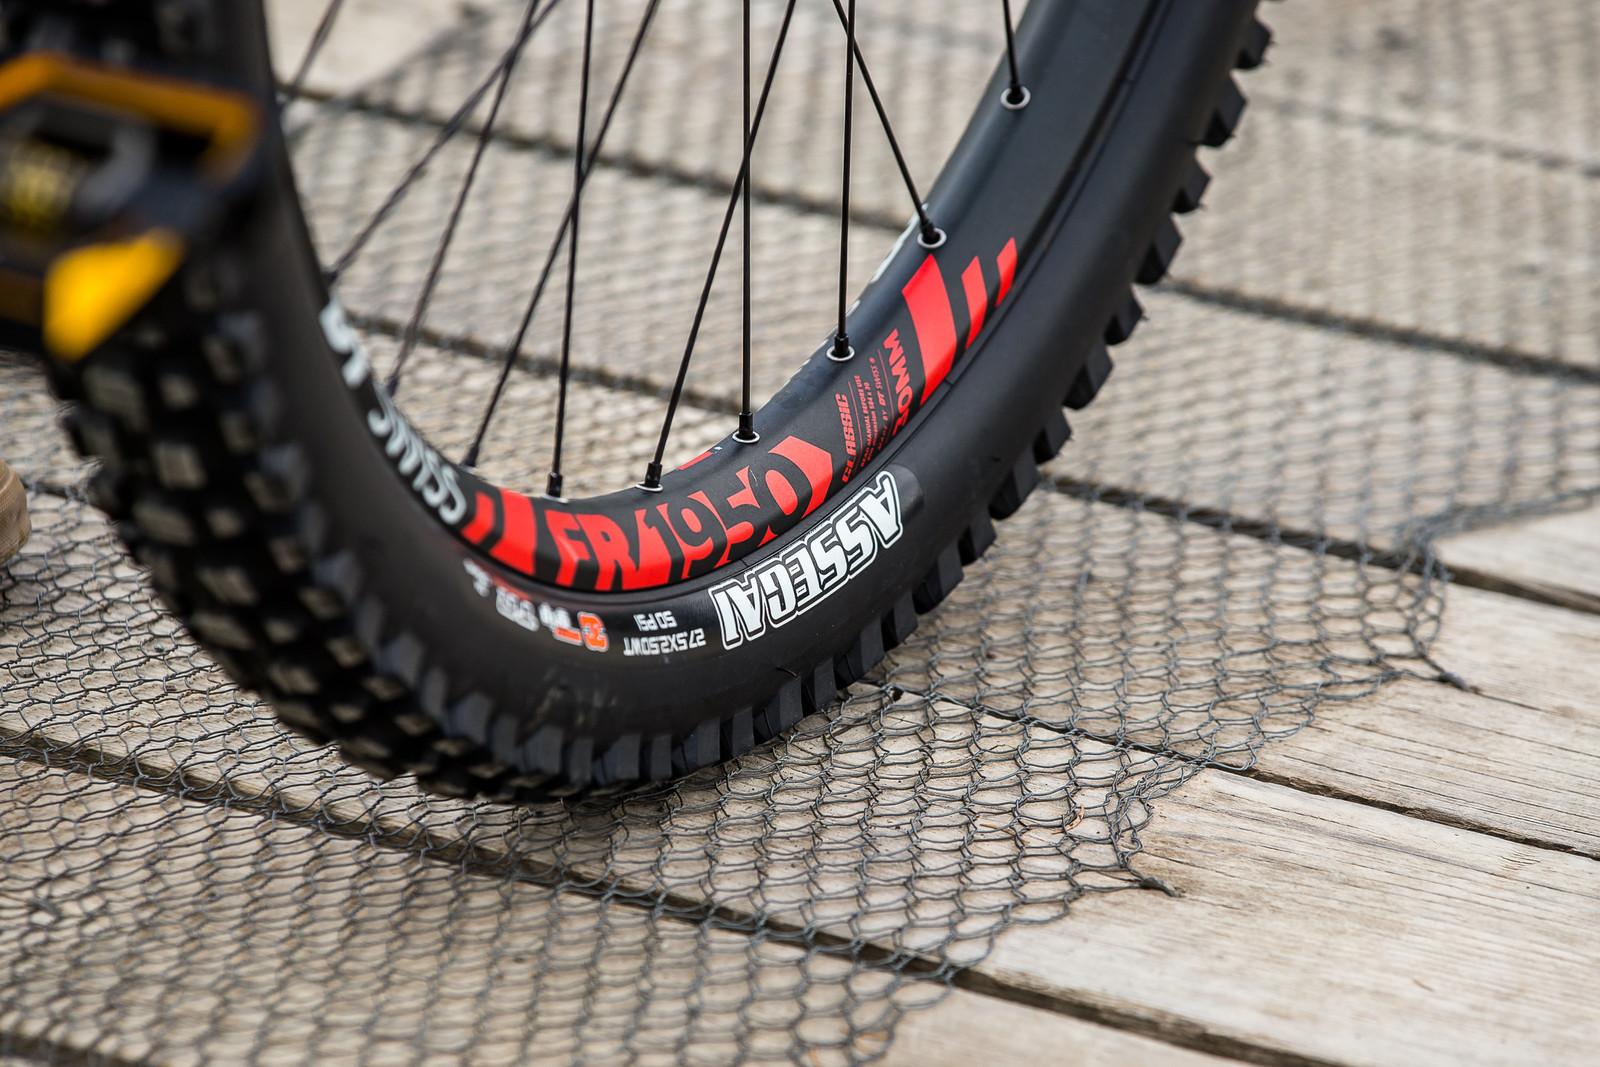 DT Swiss FR 1950 Wheels, Maxxis Assegai Front Tire - WINNING BIKE - Vali Höll's YT TUES - Mountain Biking Pictures - Vital MTB